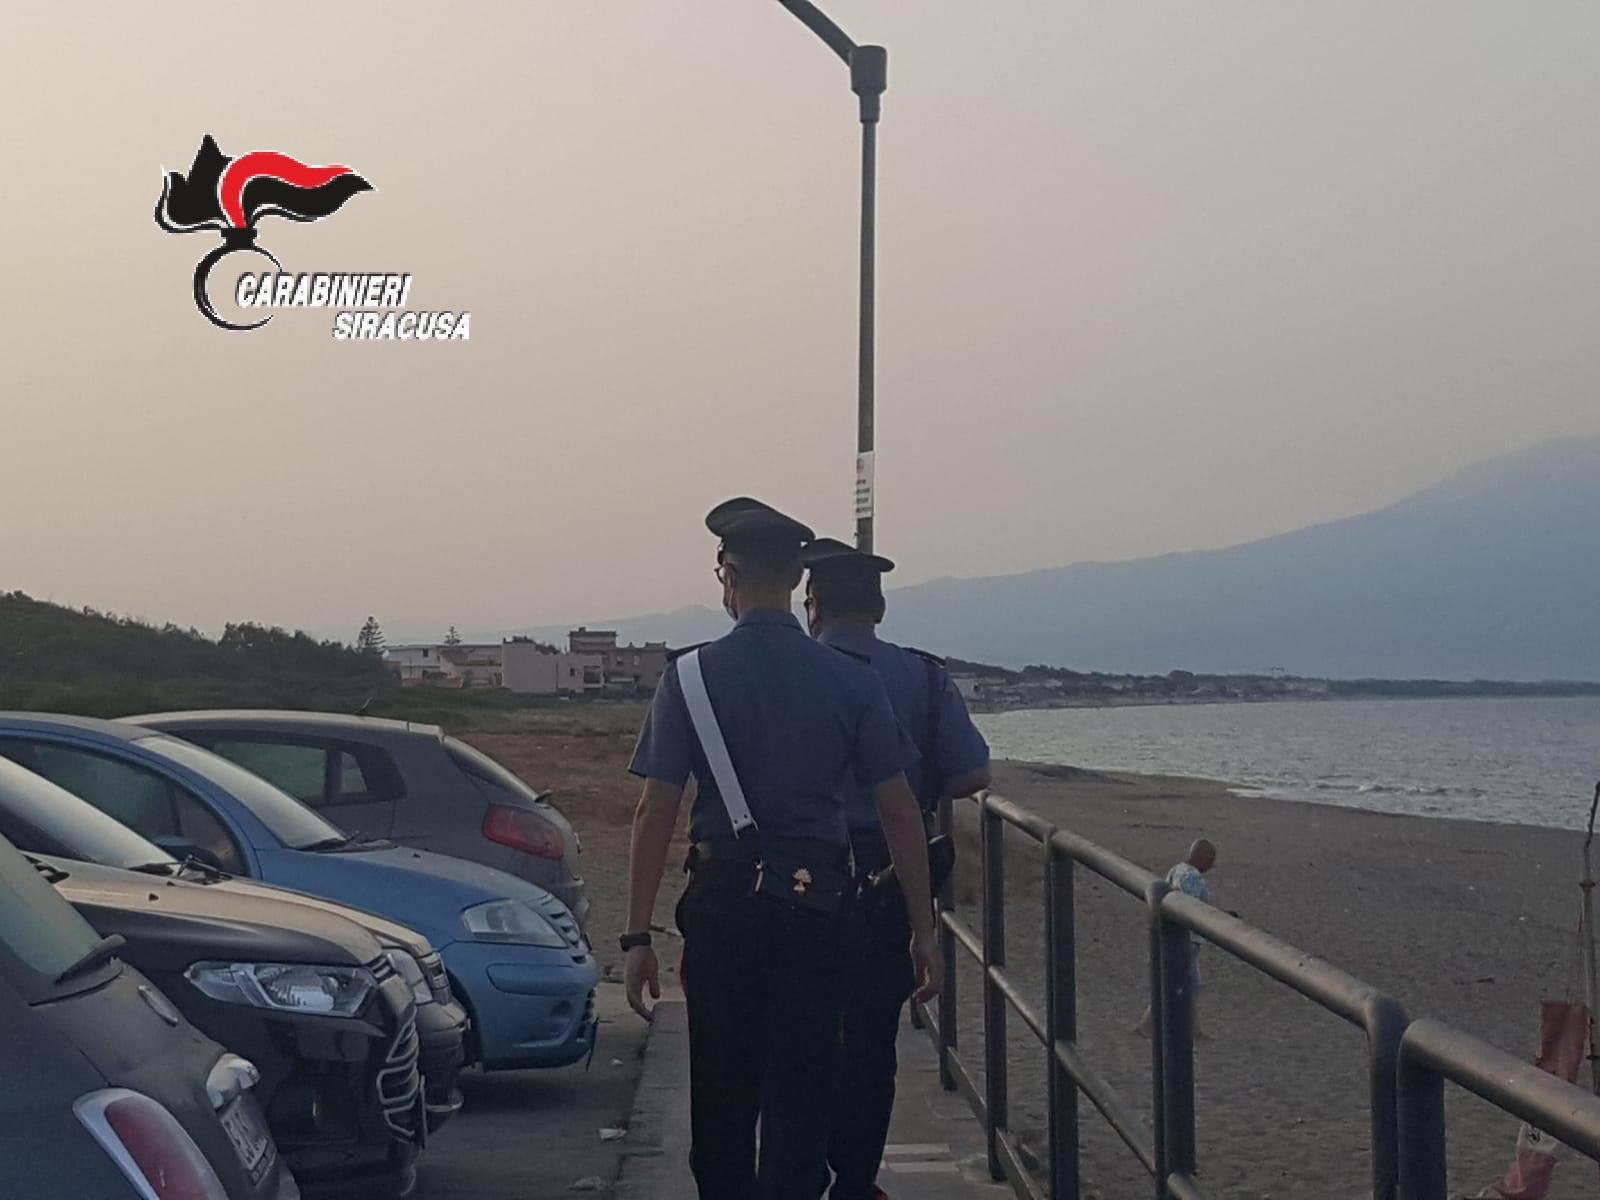 Augusta, controlli serrati dei carabinieri: 3 denunce e multe per 13 mila  euro - Giornale di Sicilia